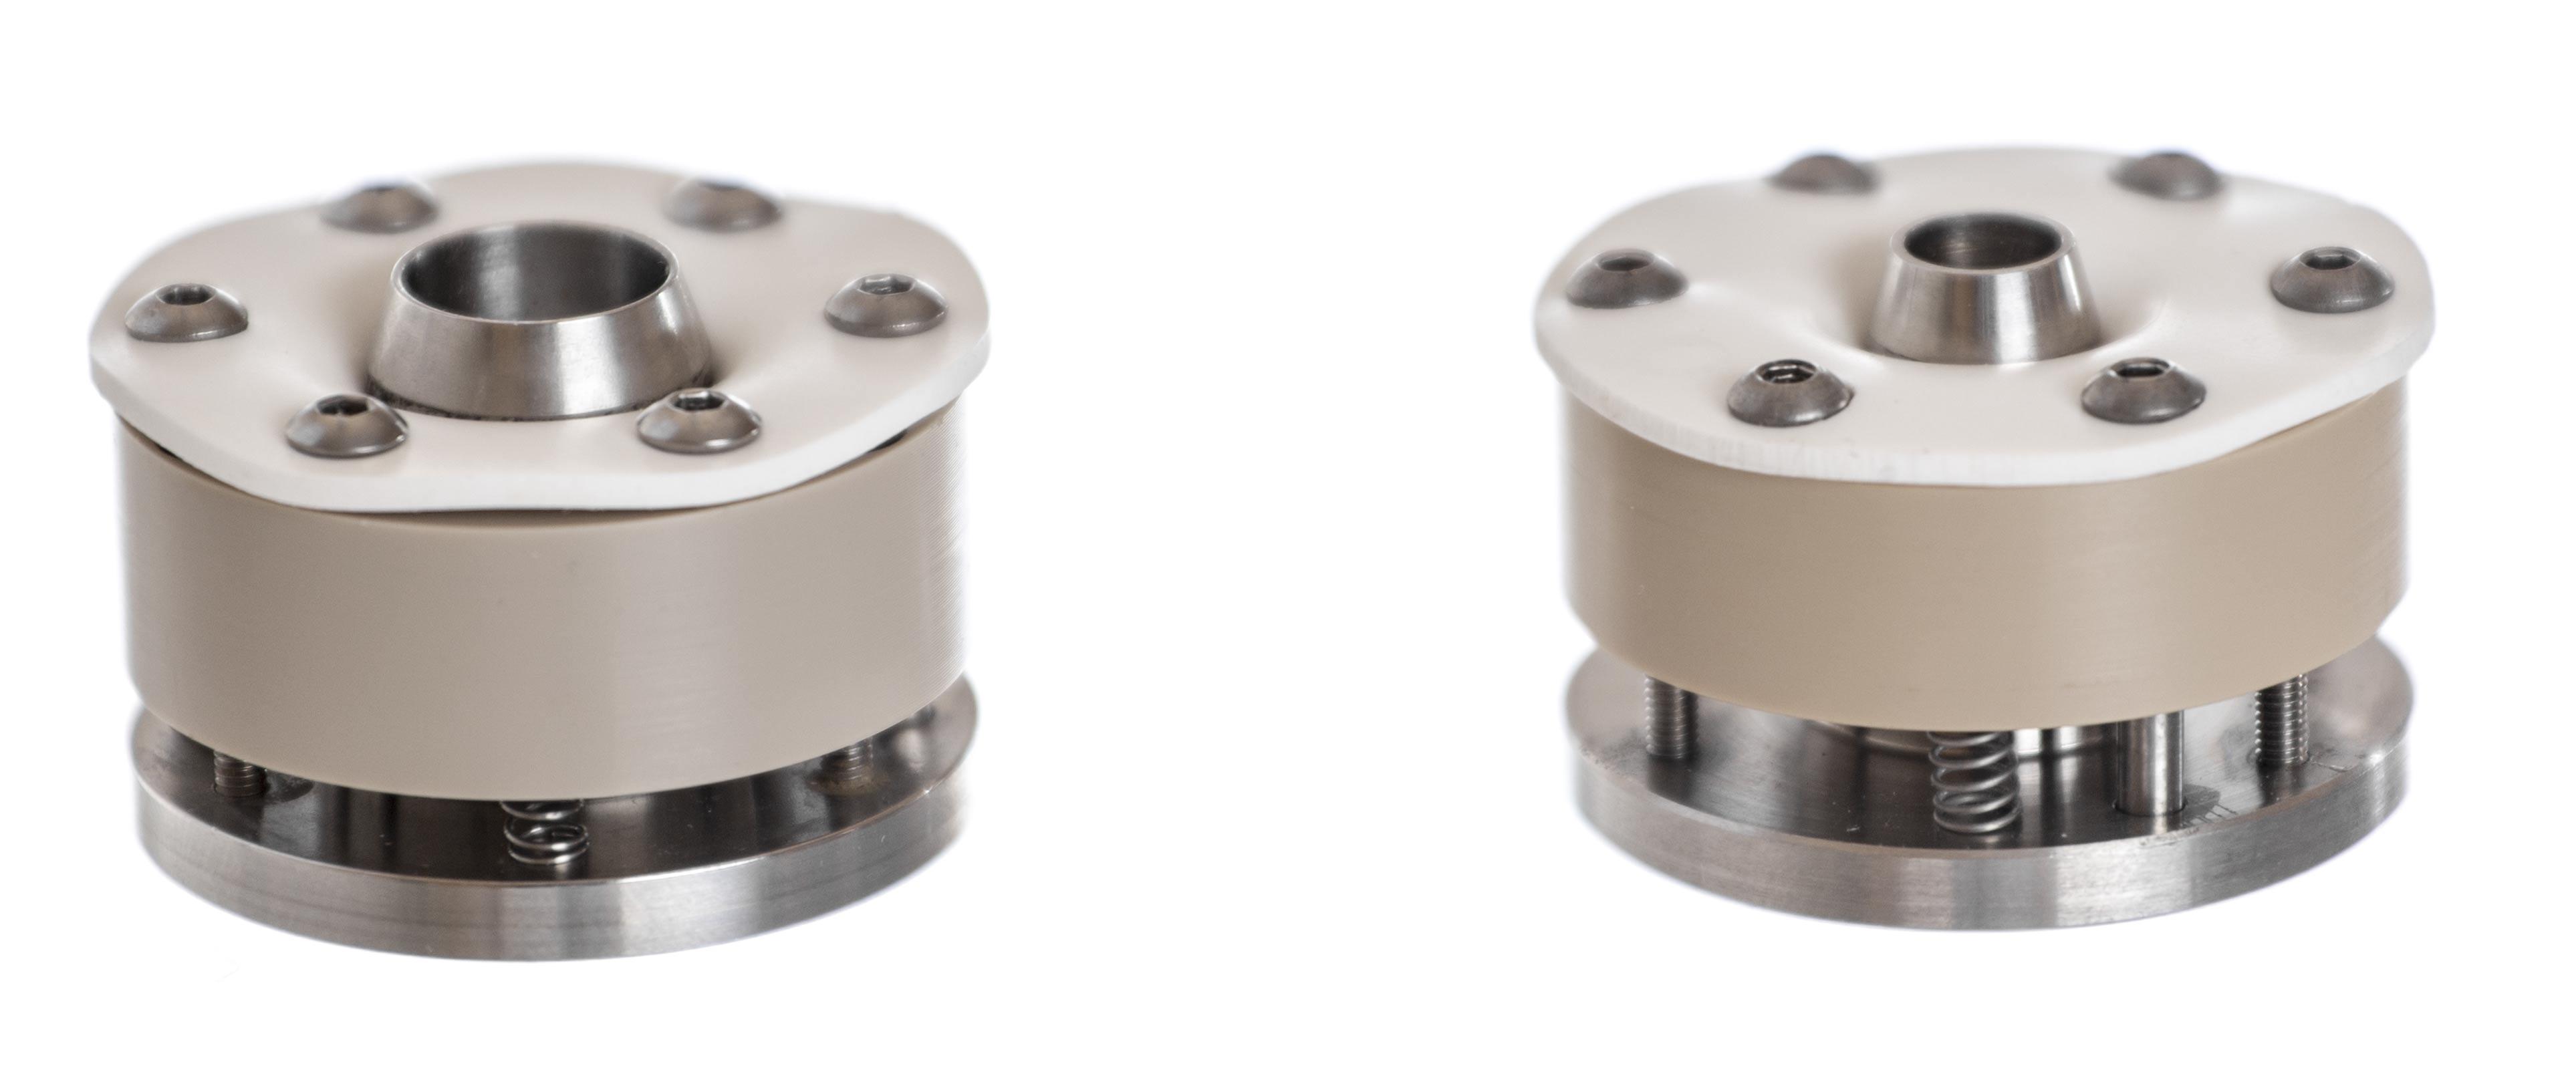 V-10-Upper-adapters